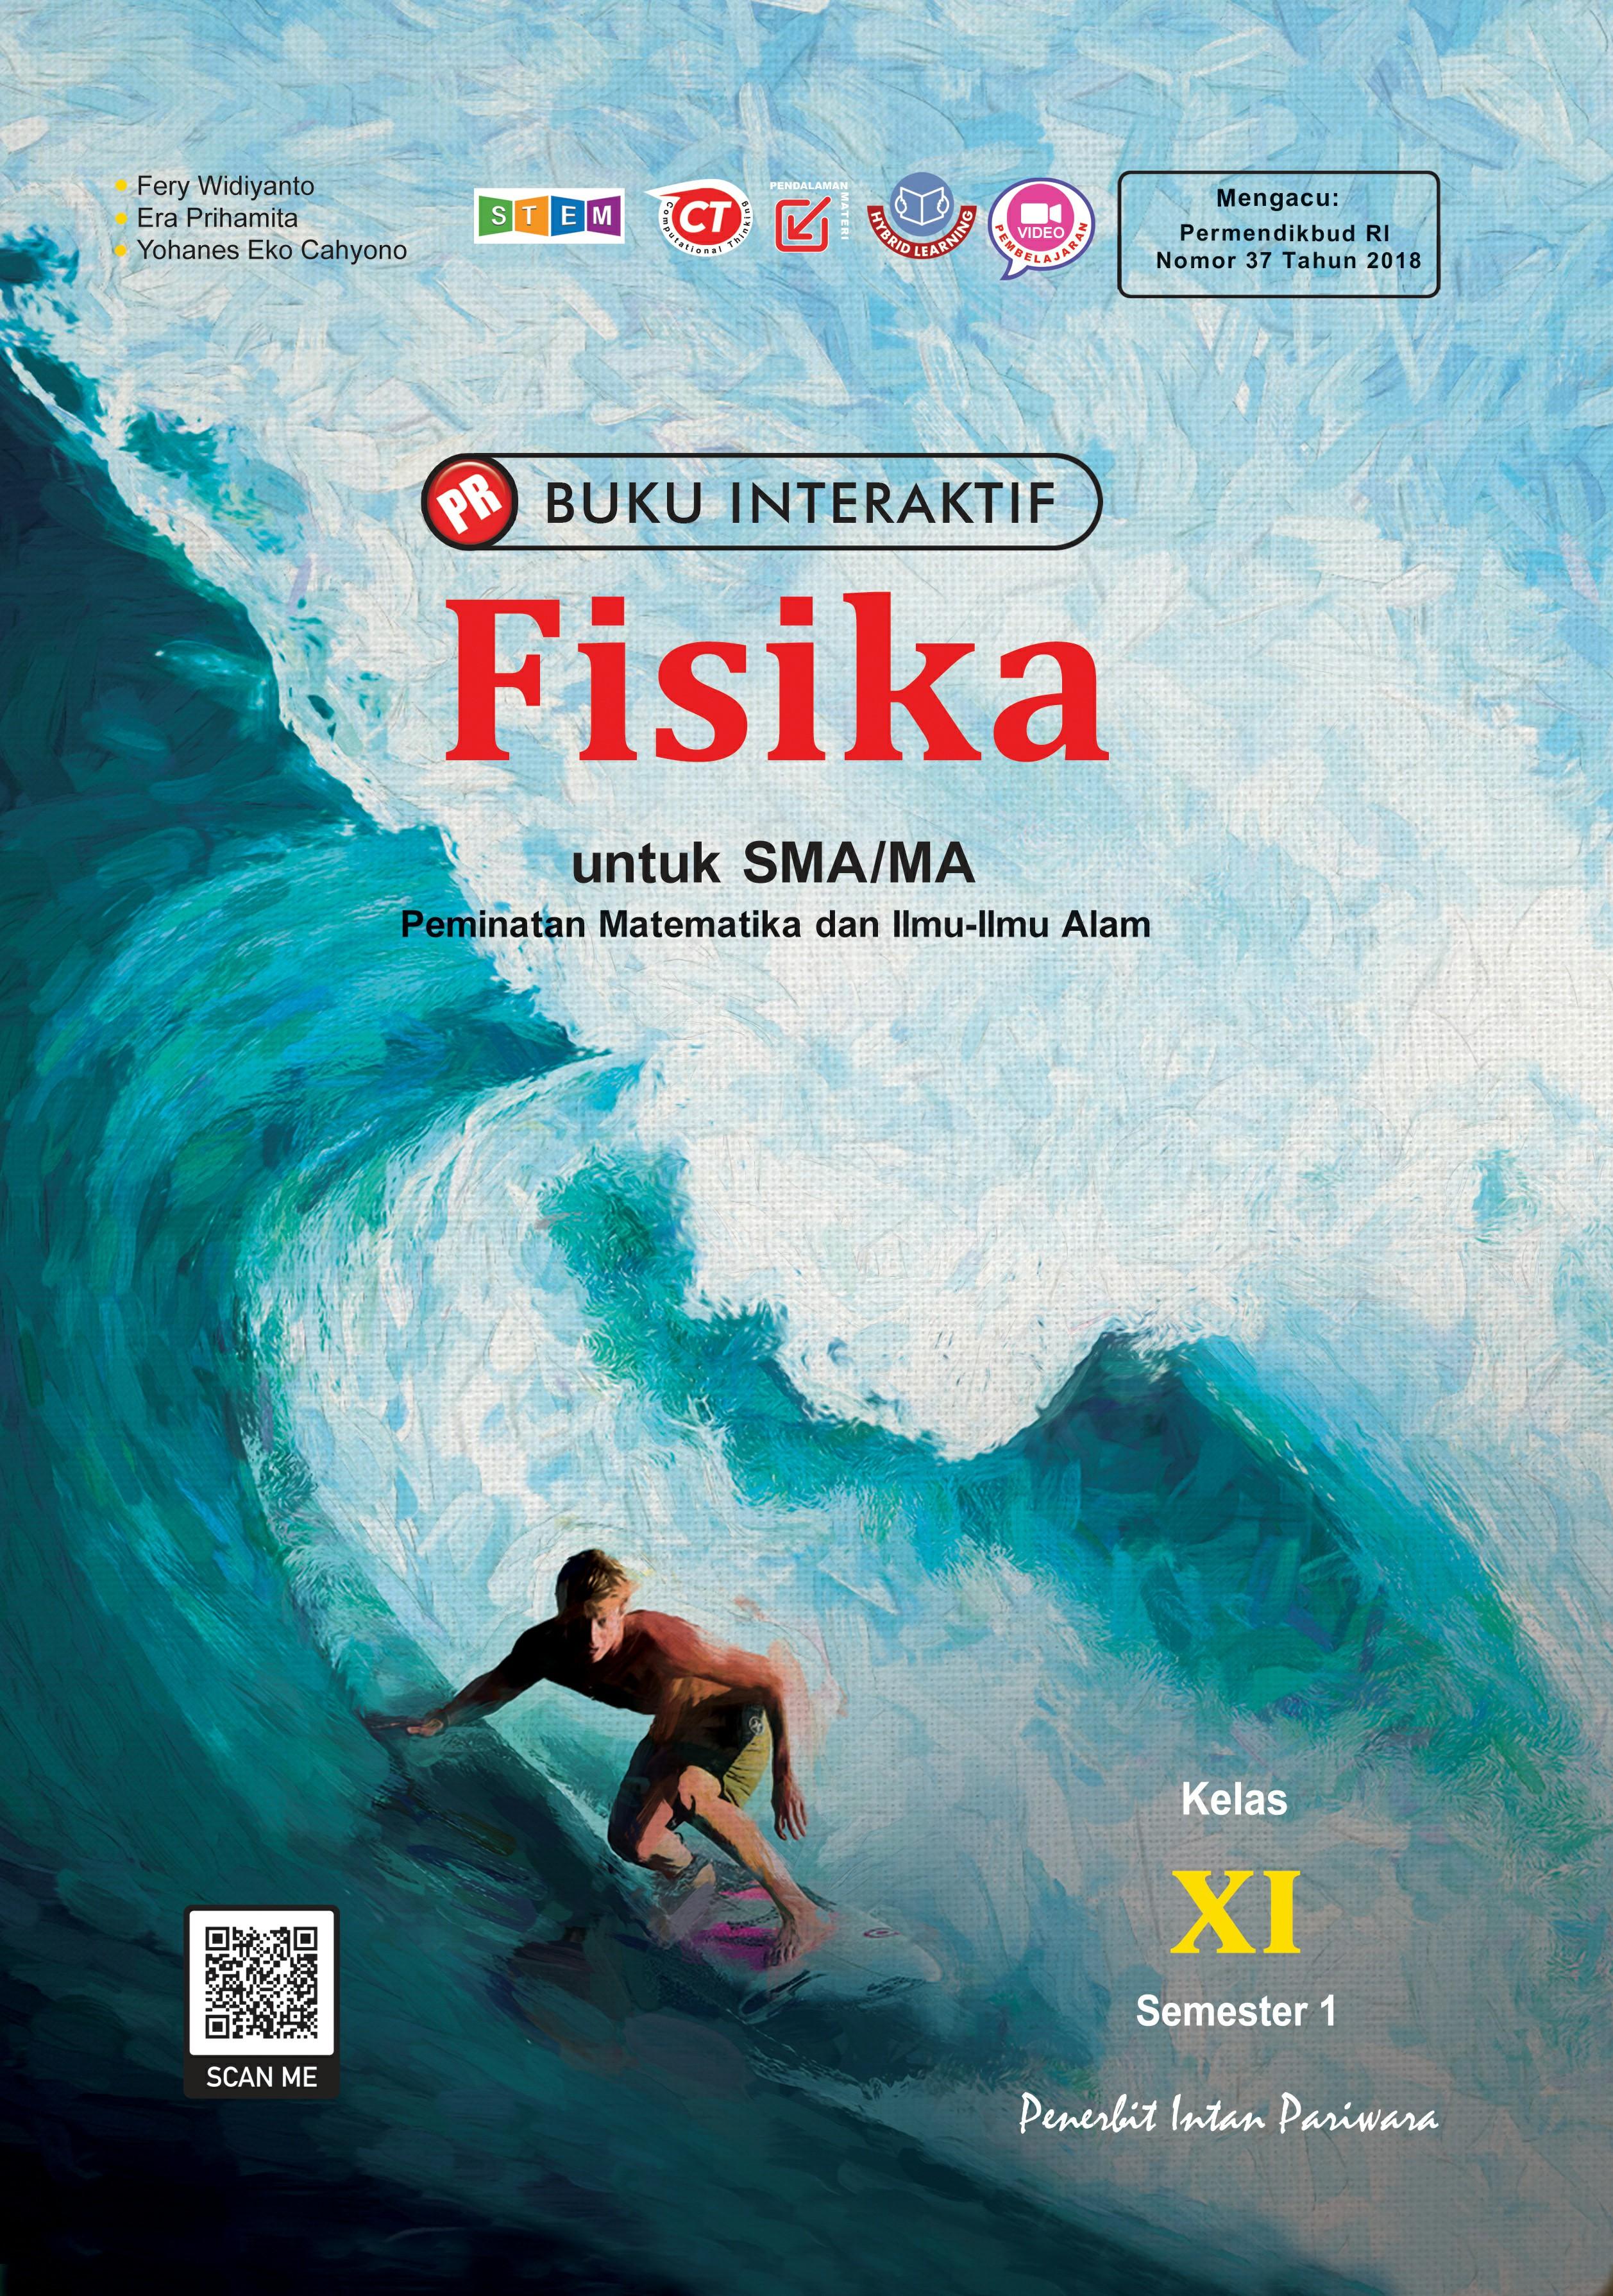 Buku Interaktif Fisika XI Semester 1